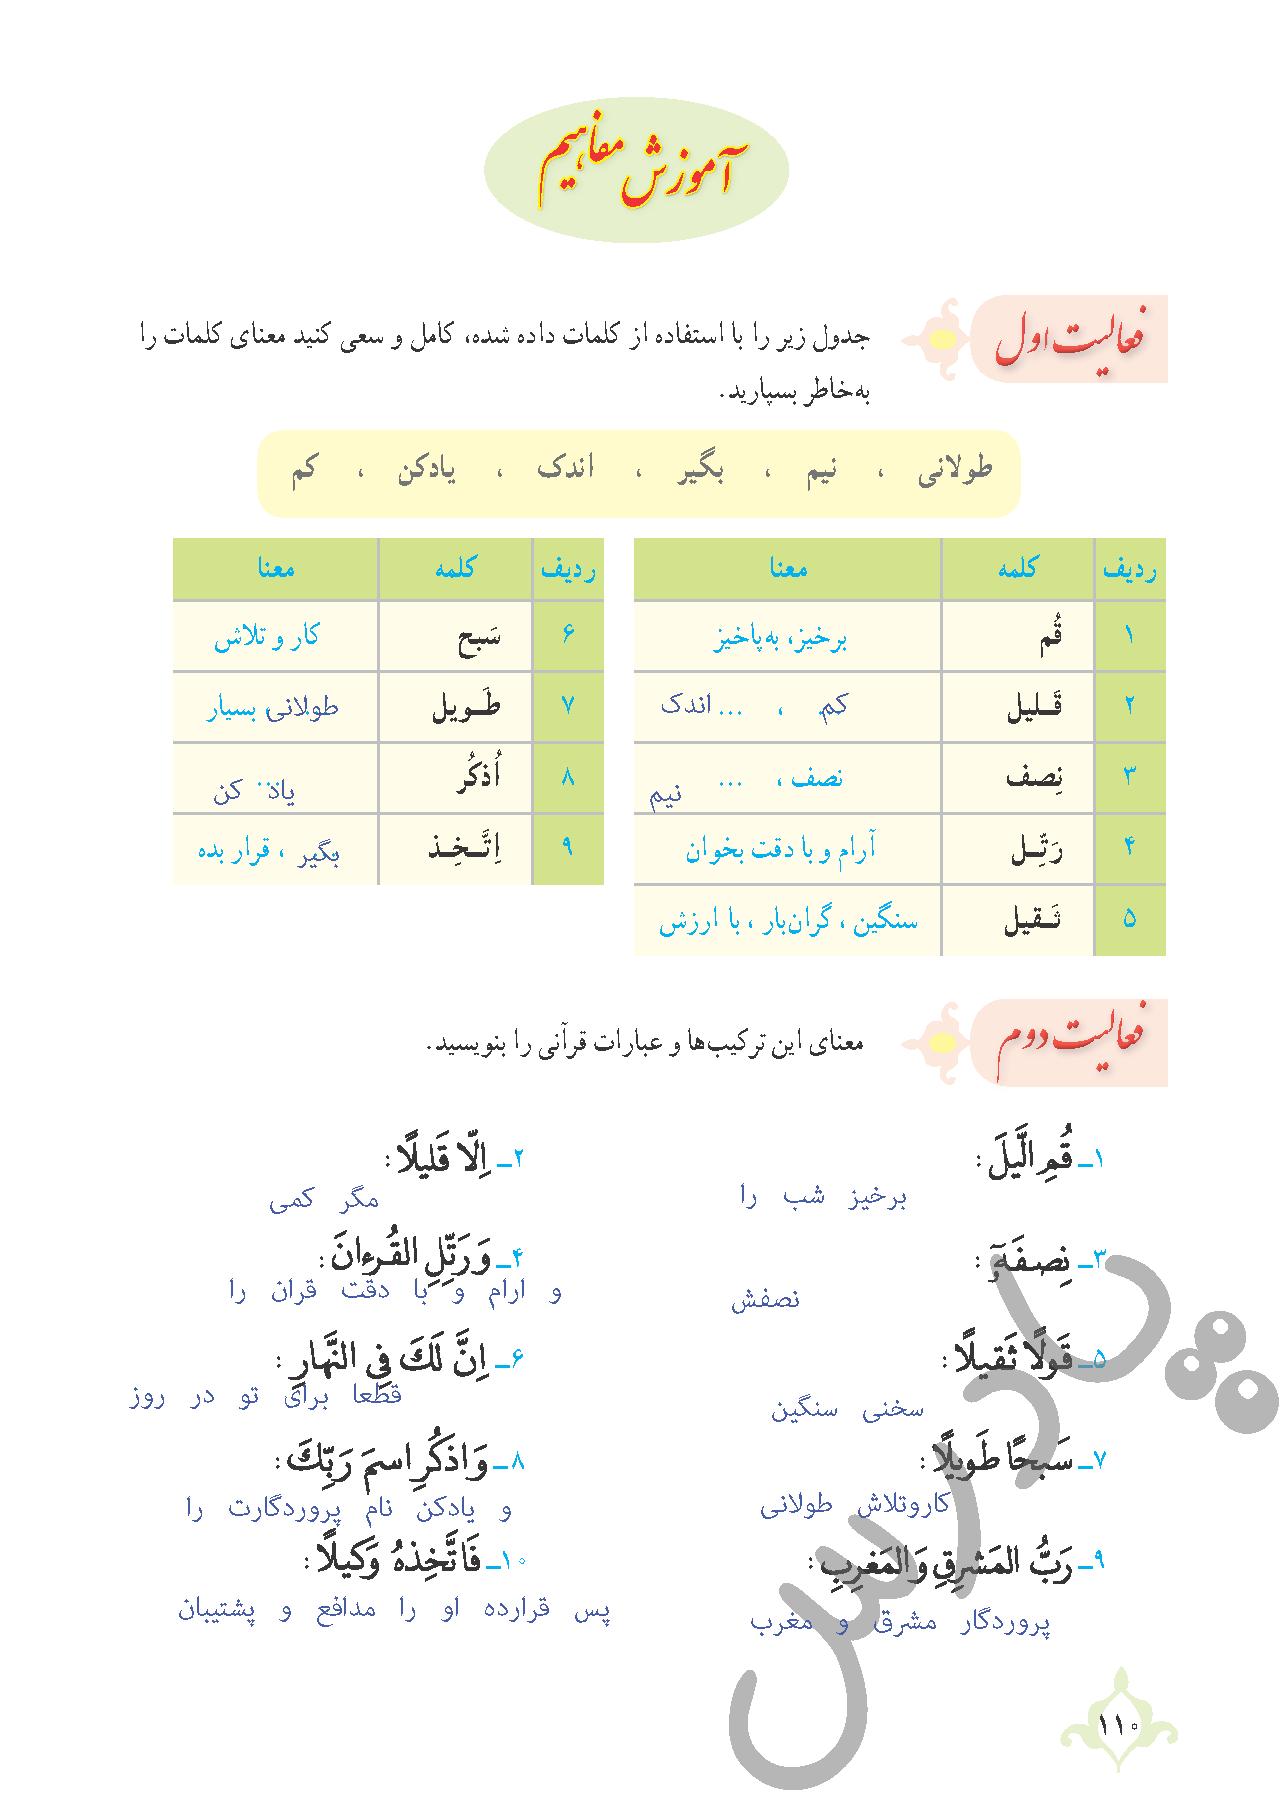 پاسخ فعالیت های درس 10 قرآن نهم بخش دوم